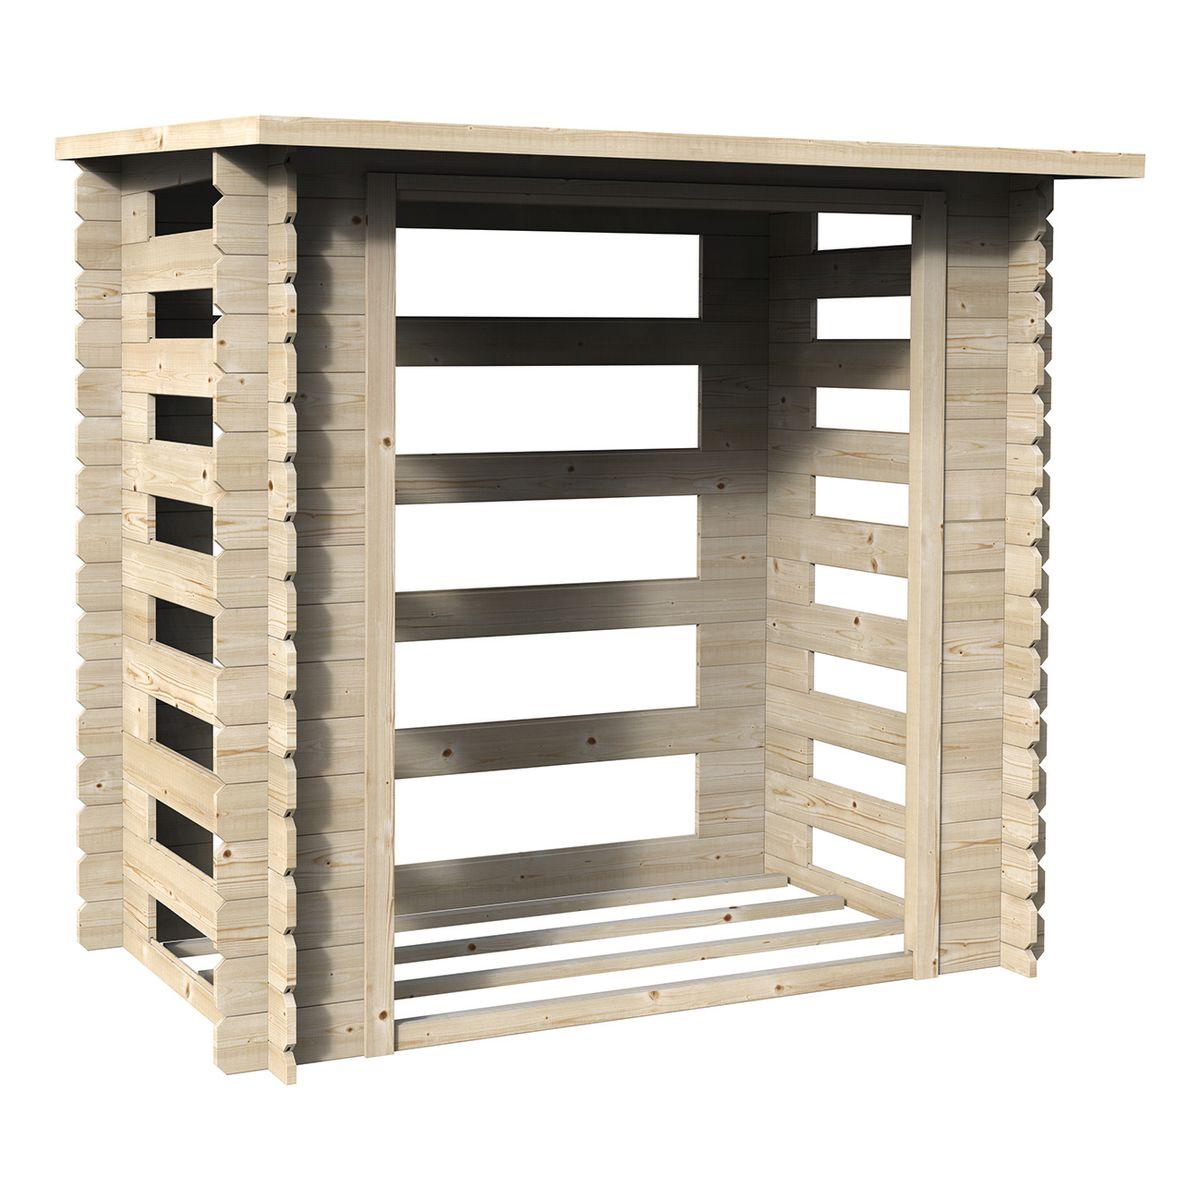 legnaia in legno 1 56 m spessore 19 mm prezzi e offerte online. Black Bedroom Furniture Sets. Home Design Ideas